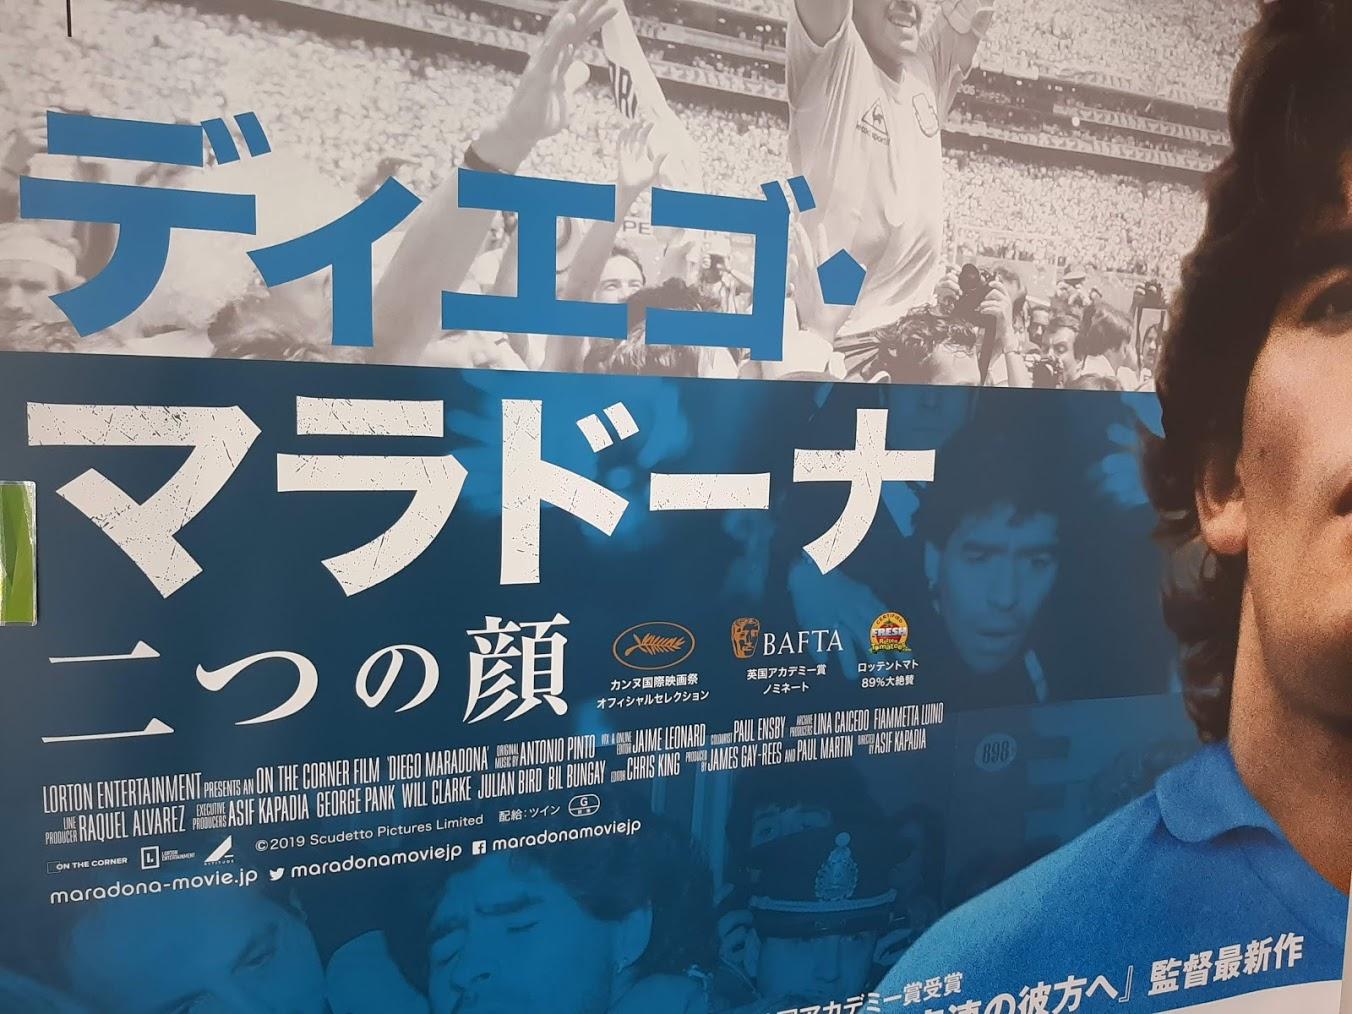 映画『ディエゴ・マラドーナ 二つの顔』のポスター